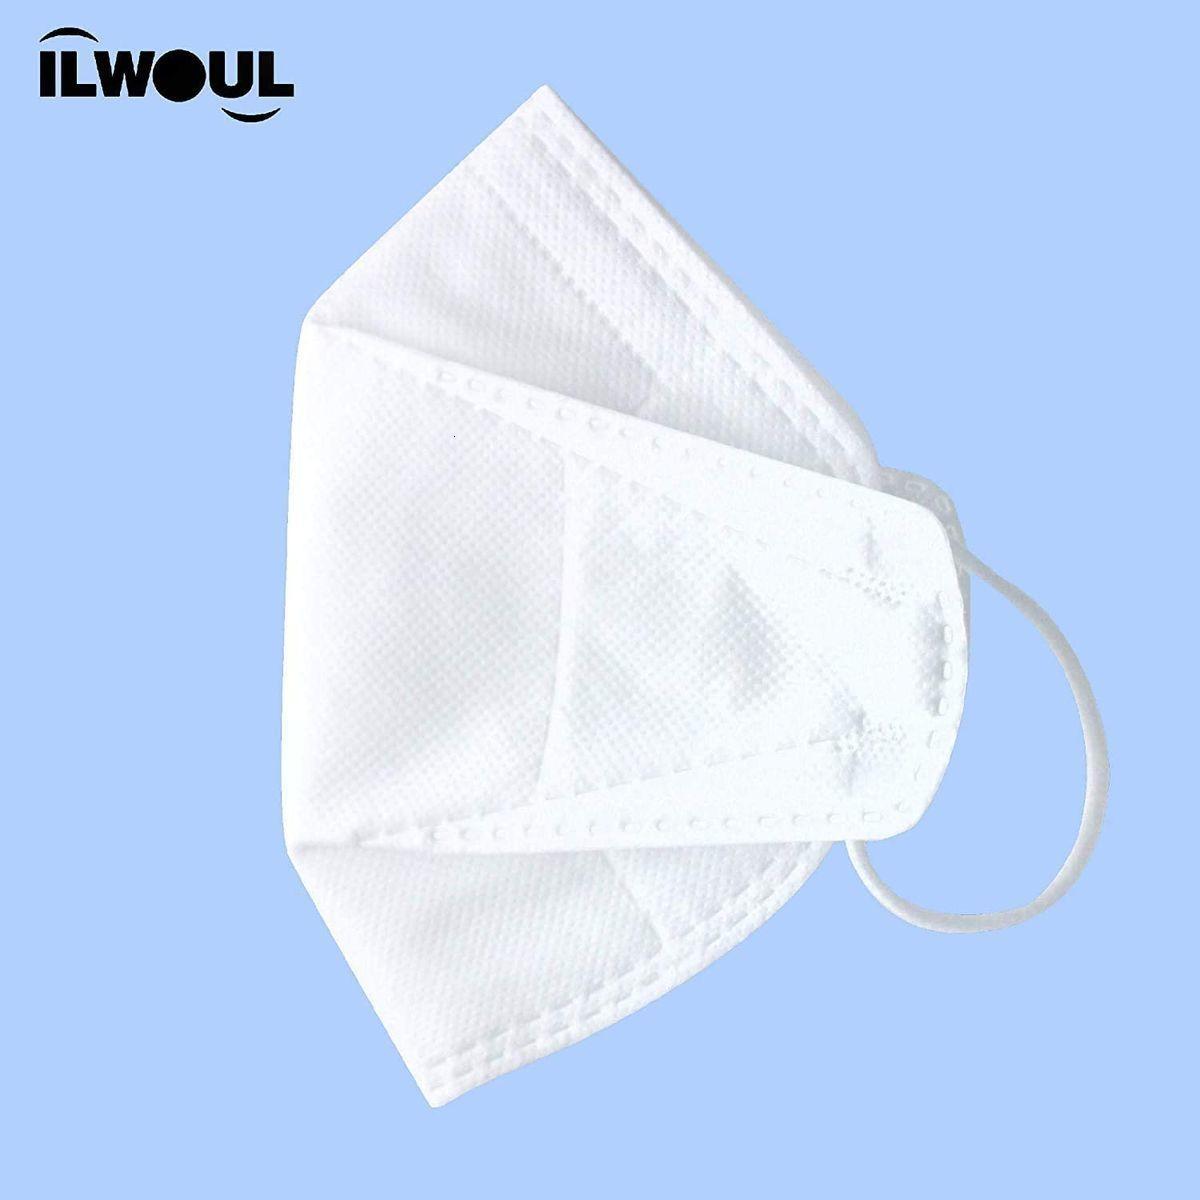 (10 pezzi) Respirare in modo sicuro Bocca Protezione / Protezione viso - da polvere, polline e peli di animali domestici, Quadrupla filtro, Pack individuali, Made in Corea